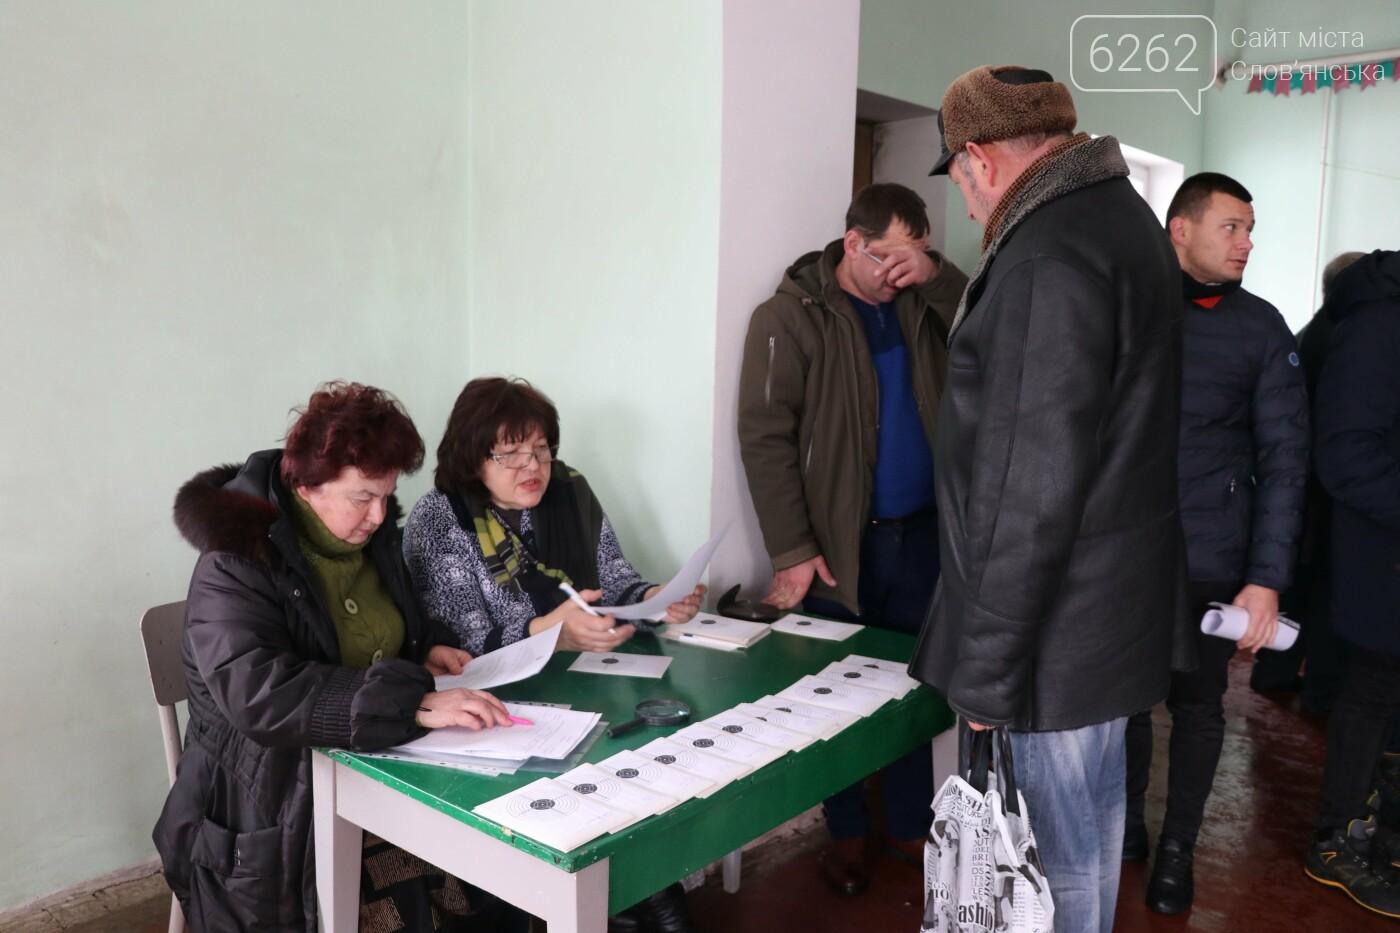 Як проходять щорічні змагання зі стрільби у Слов'янську, фото-1